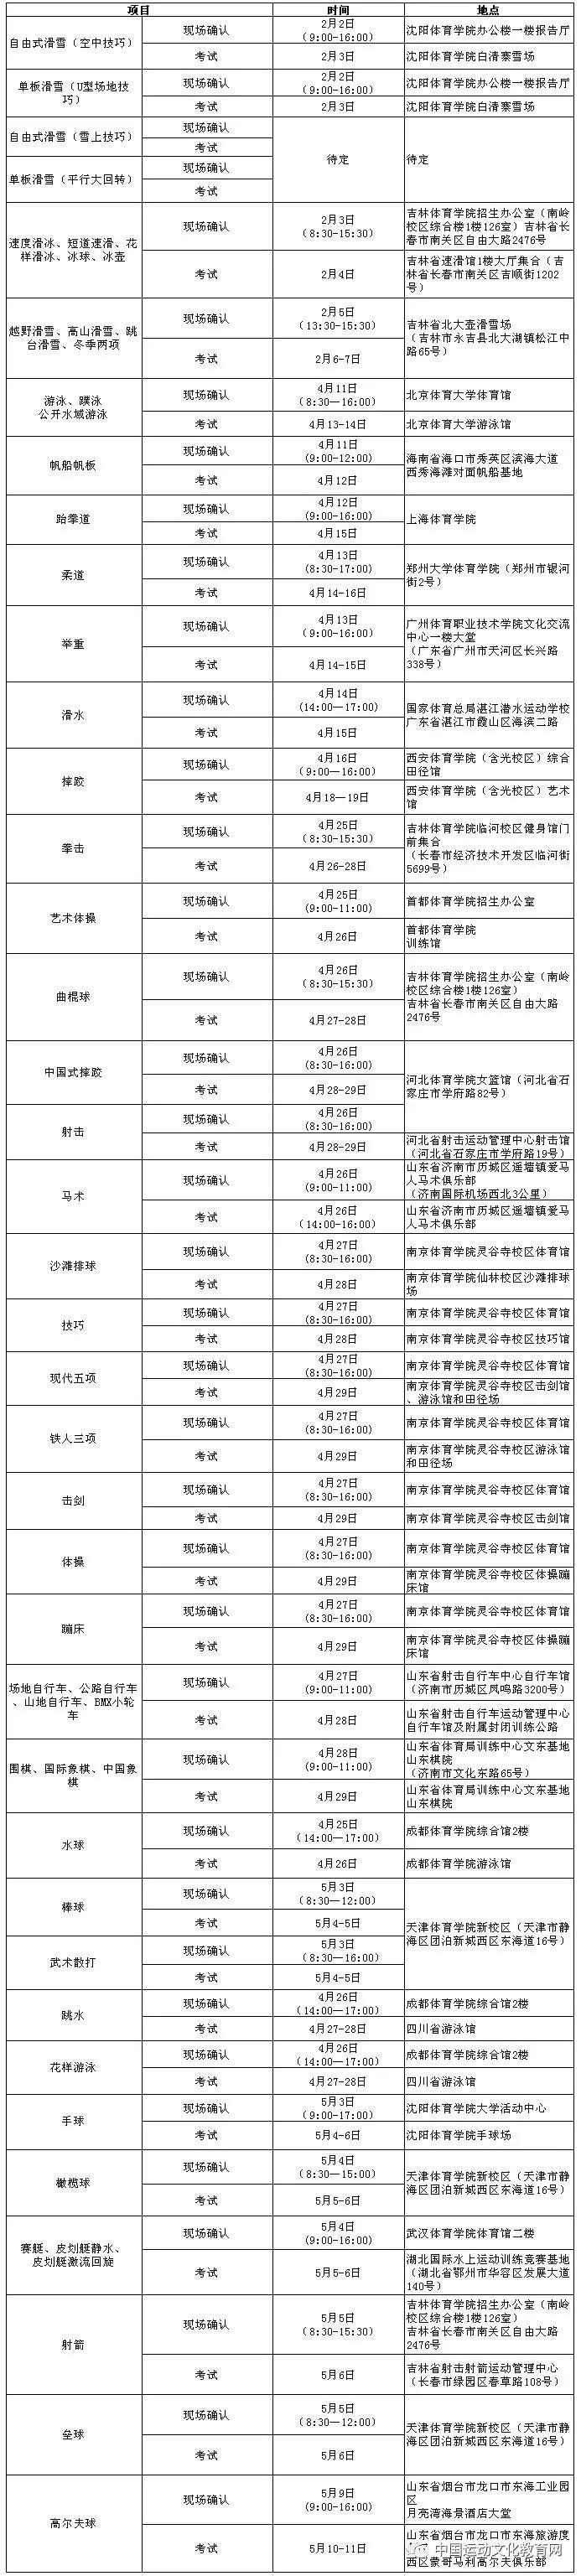 2018年体育单招(高校高水平运动队)全国统考安排表